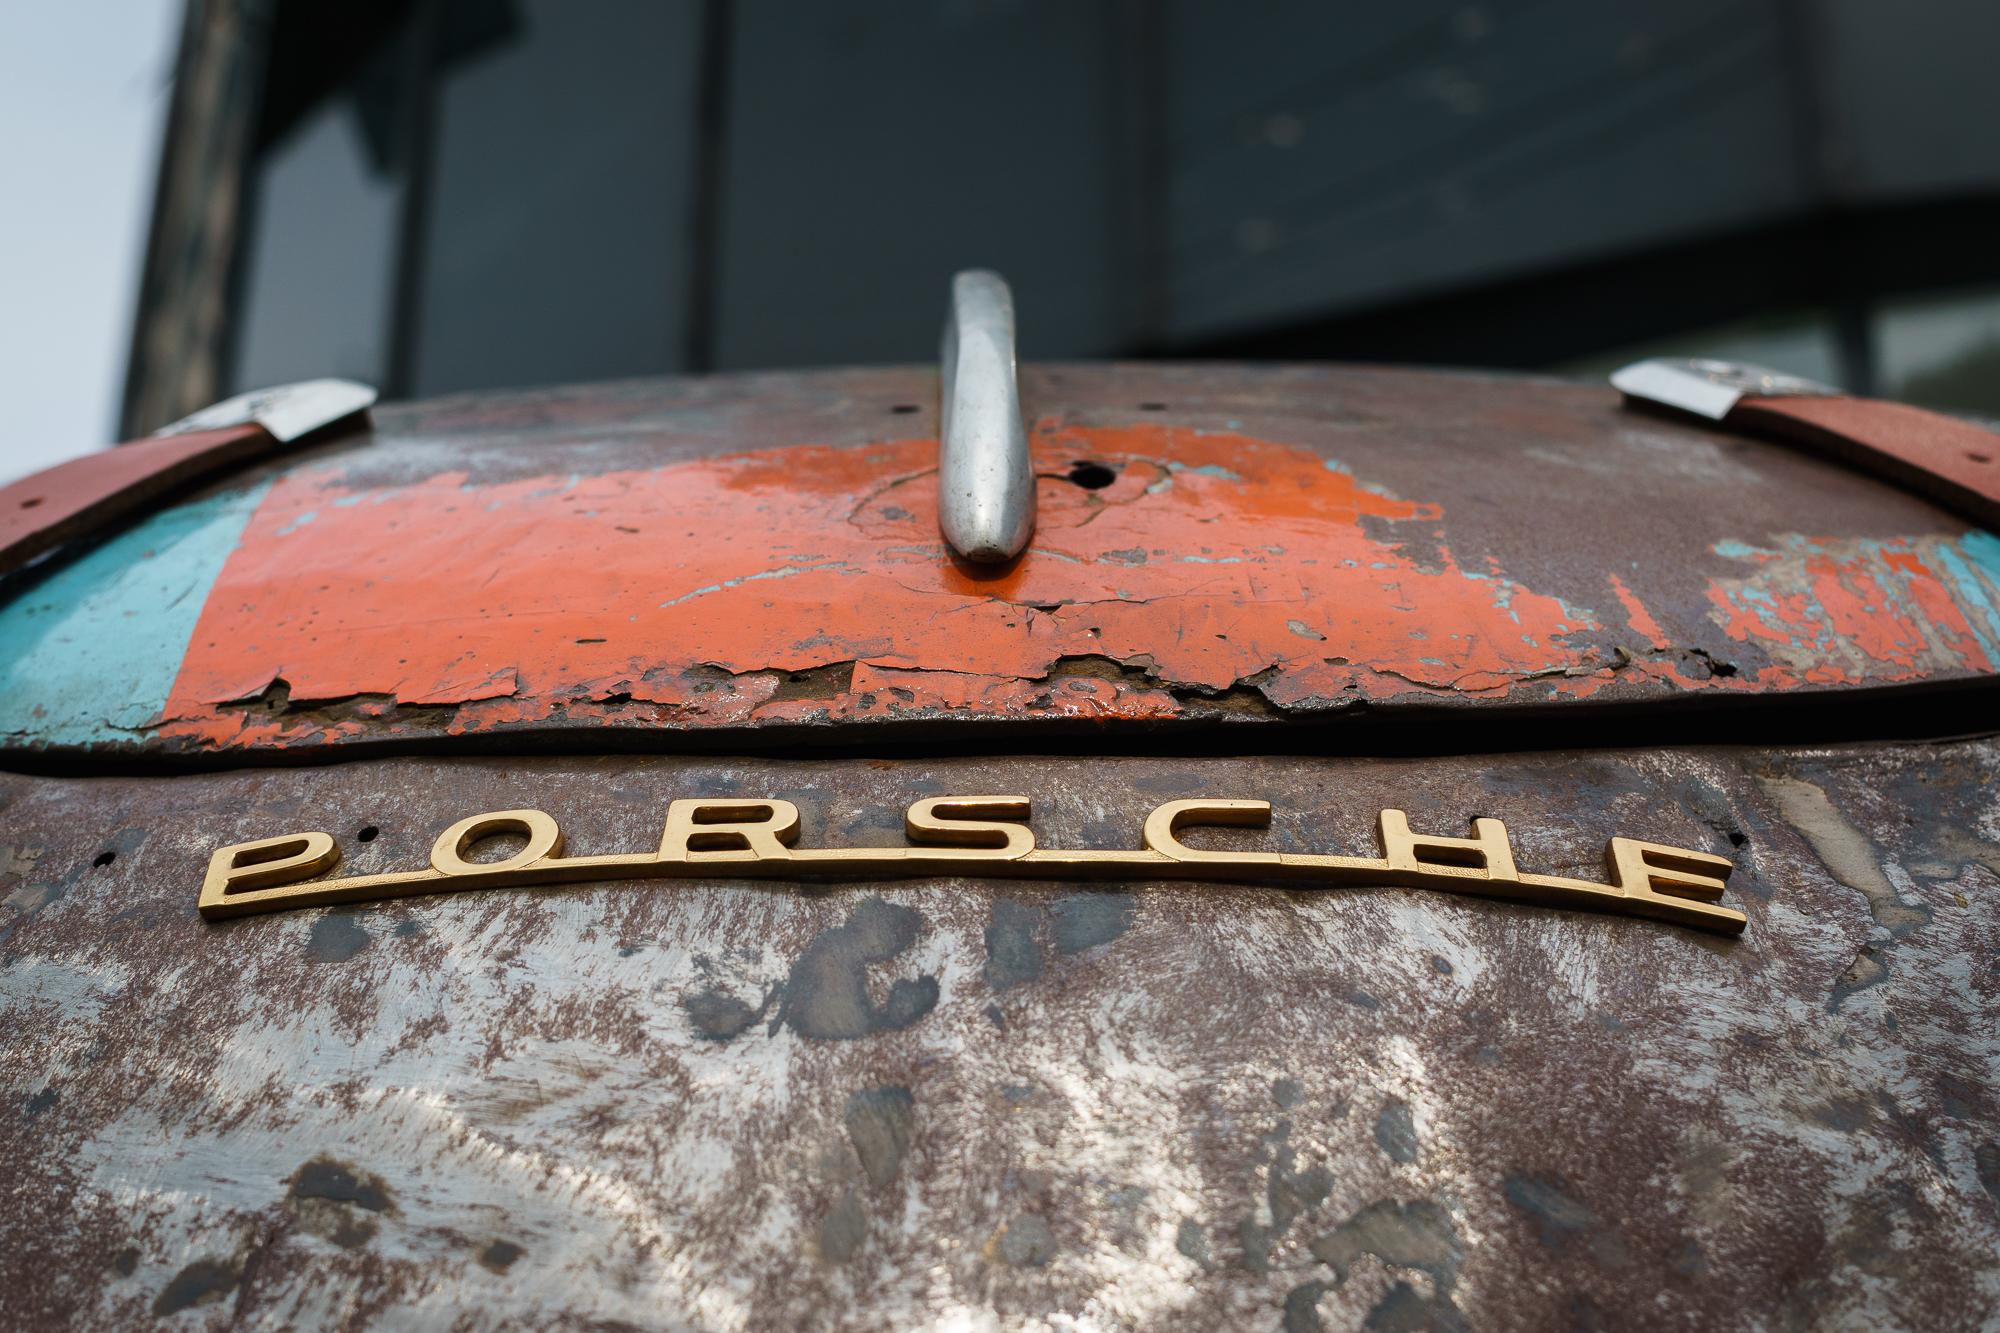 Porsche logo 356